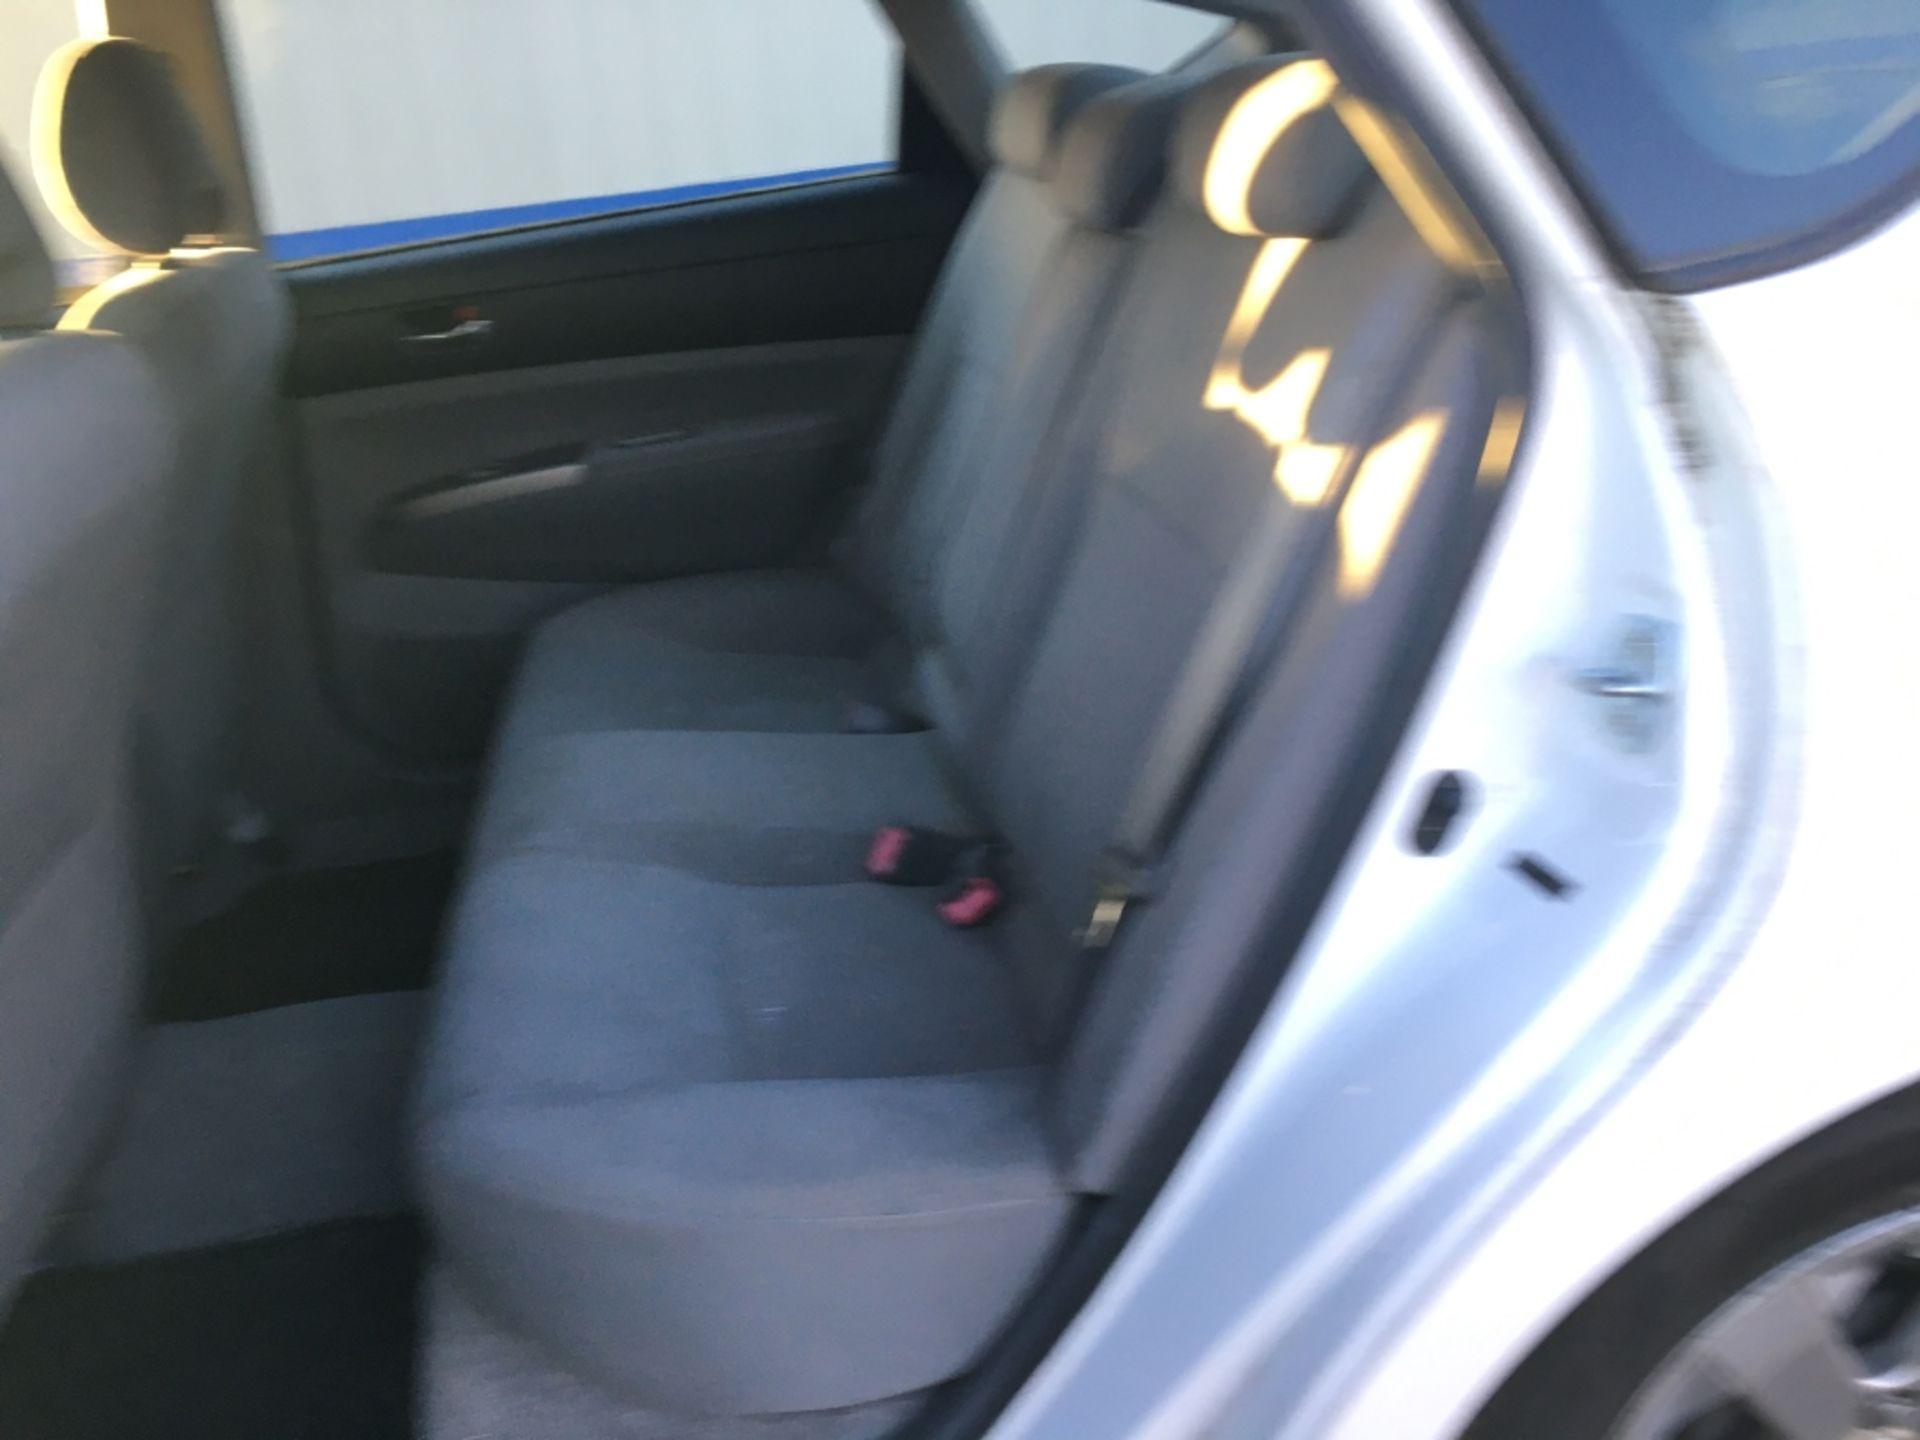 2009 Toyota Prius Sedan - Image 6 of 18